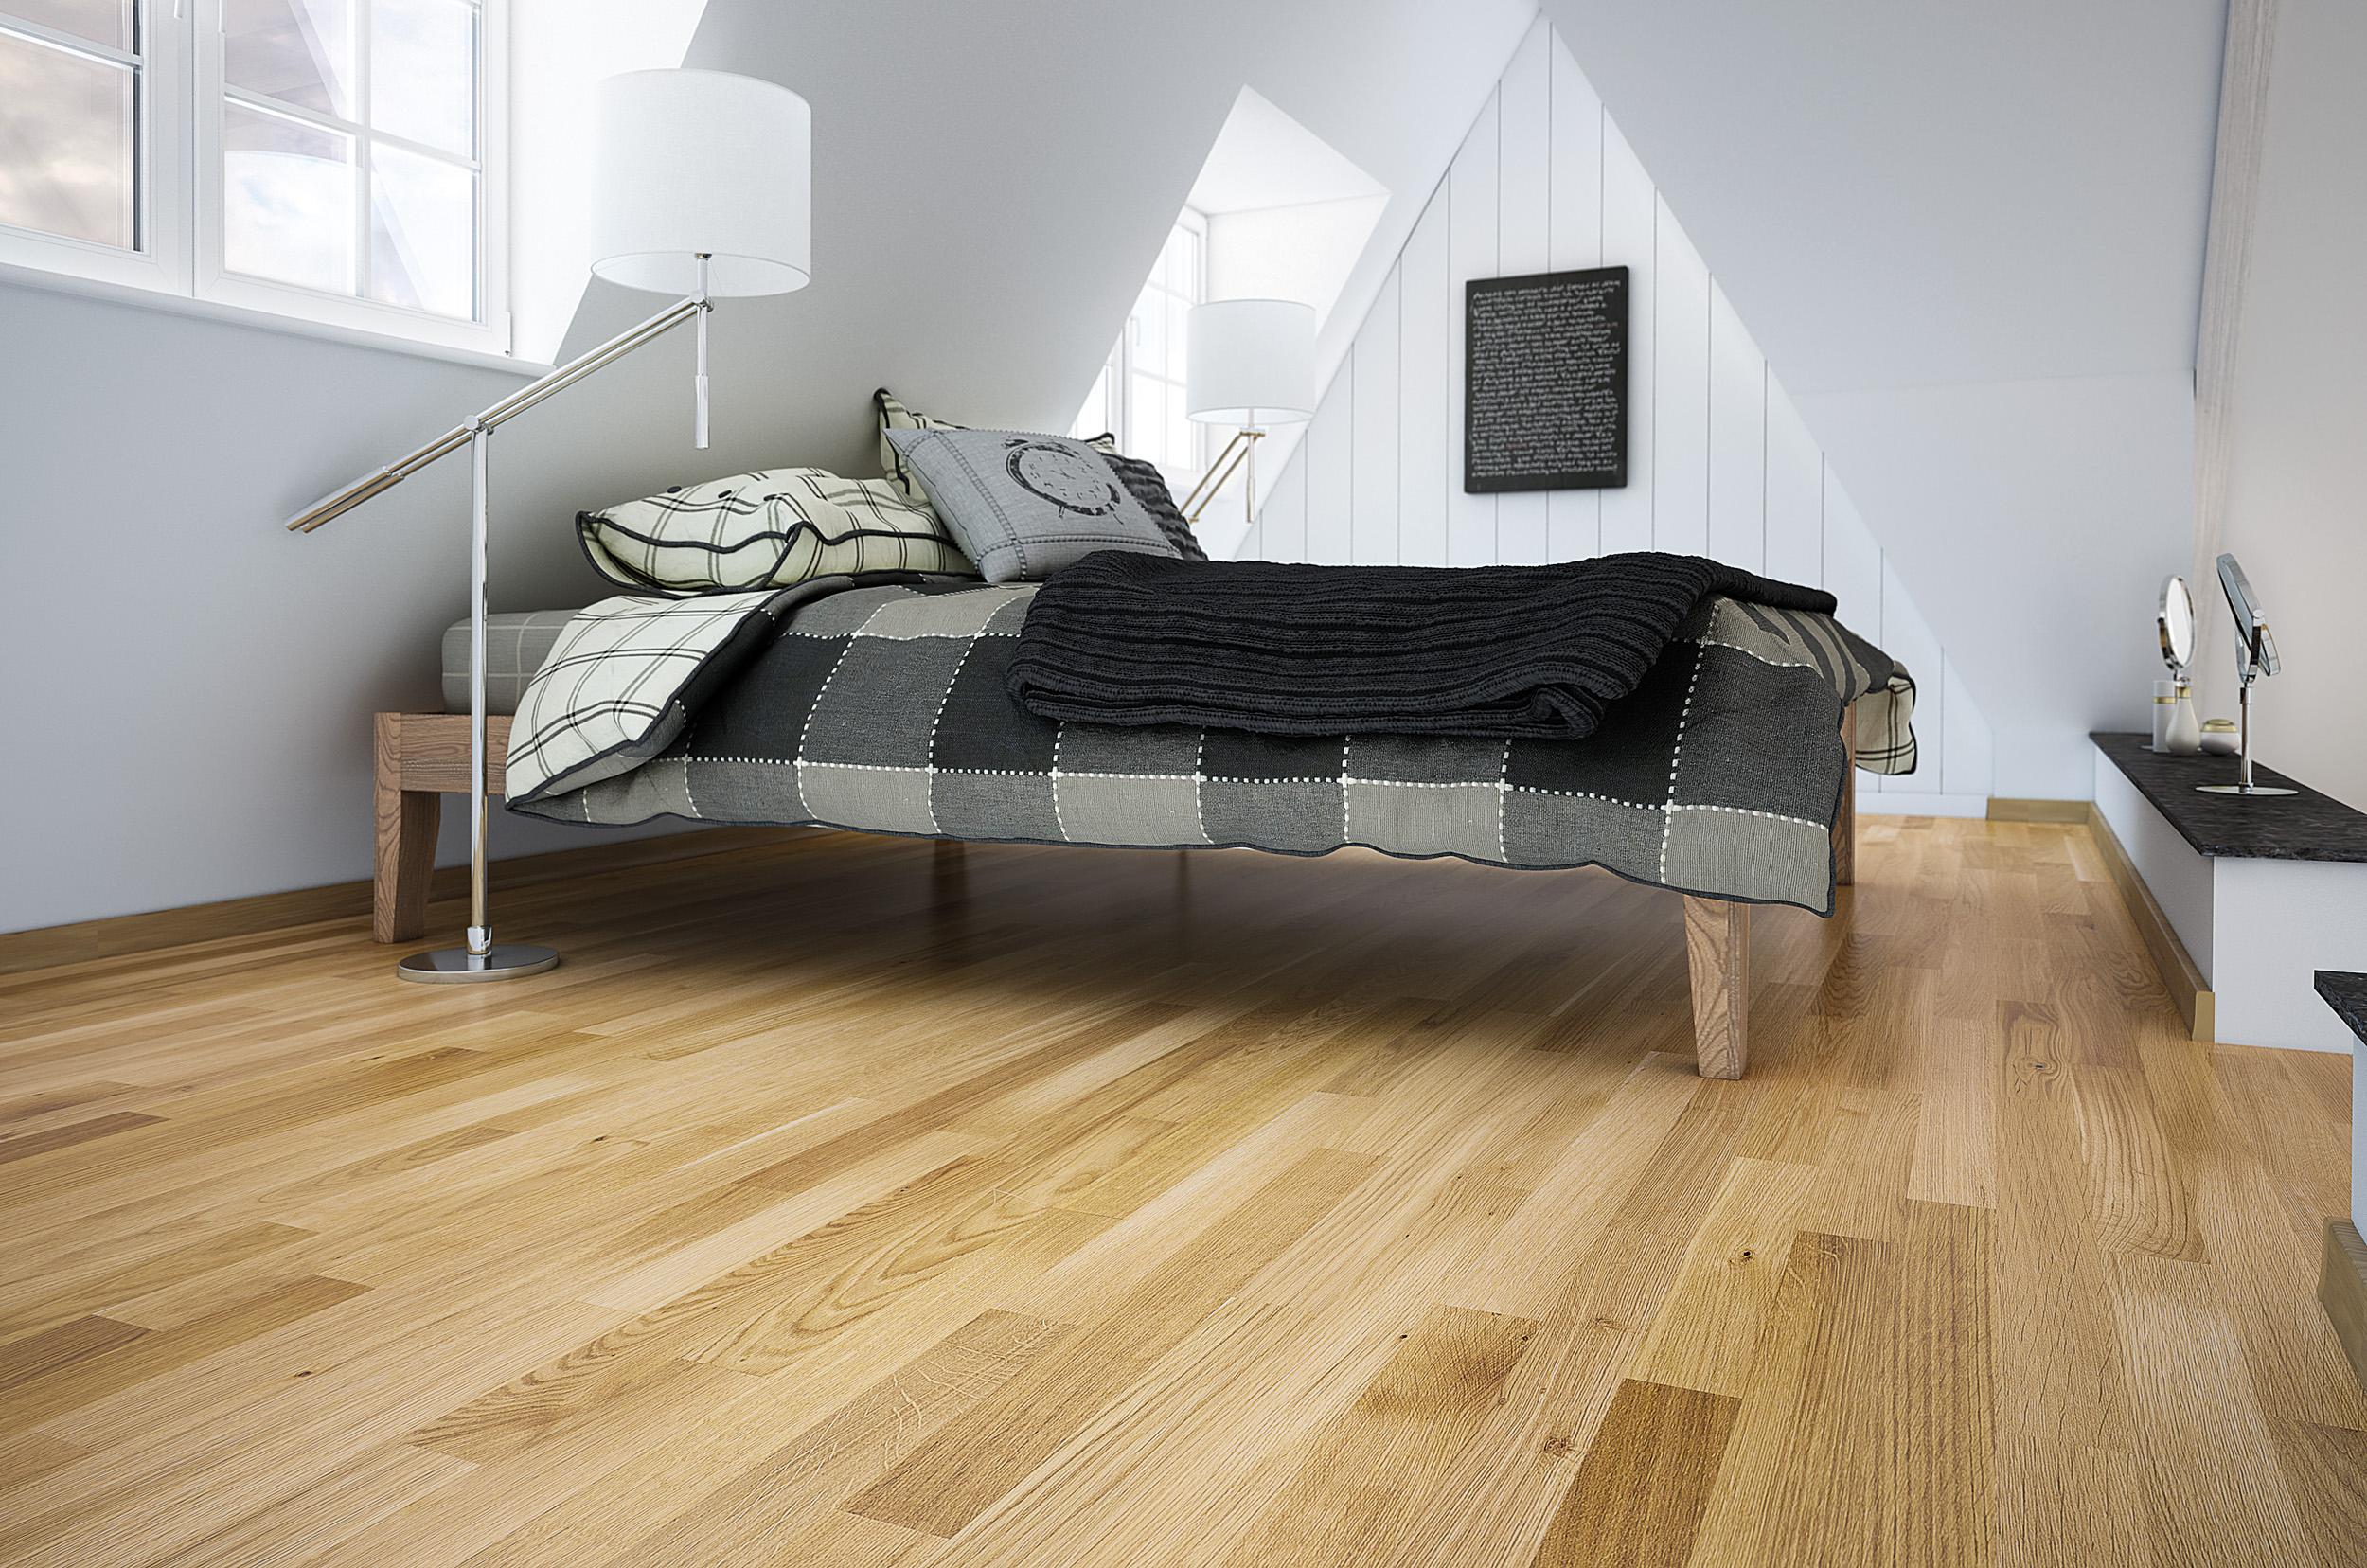 parkett mit hartwachs l als schutz daedelow parkett. Black Bedroom Furniture Sets. Home Design Ideas